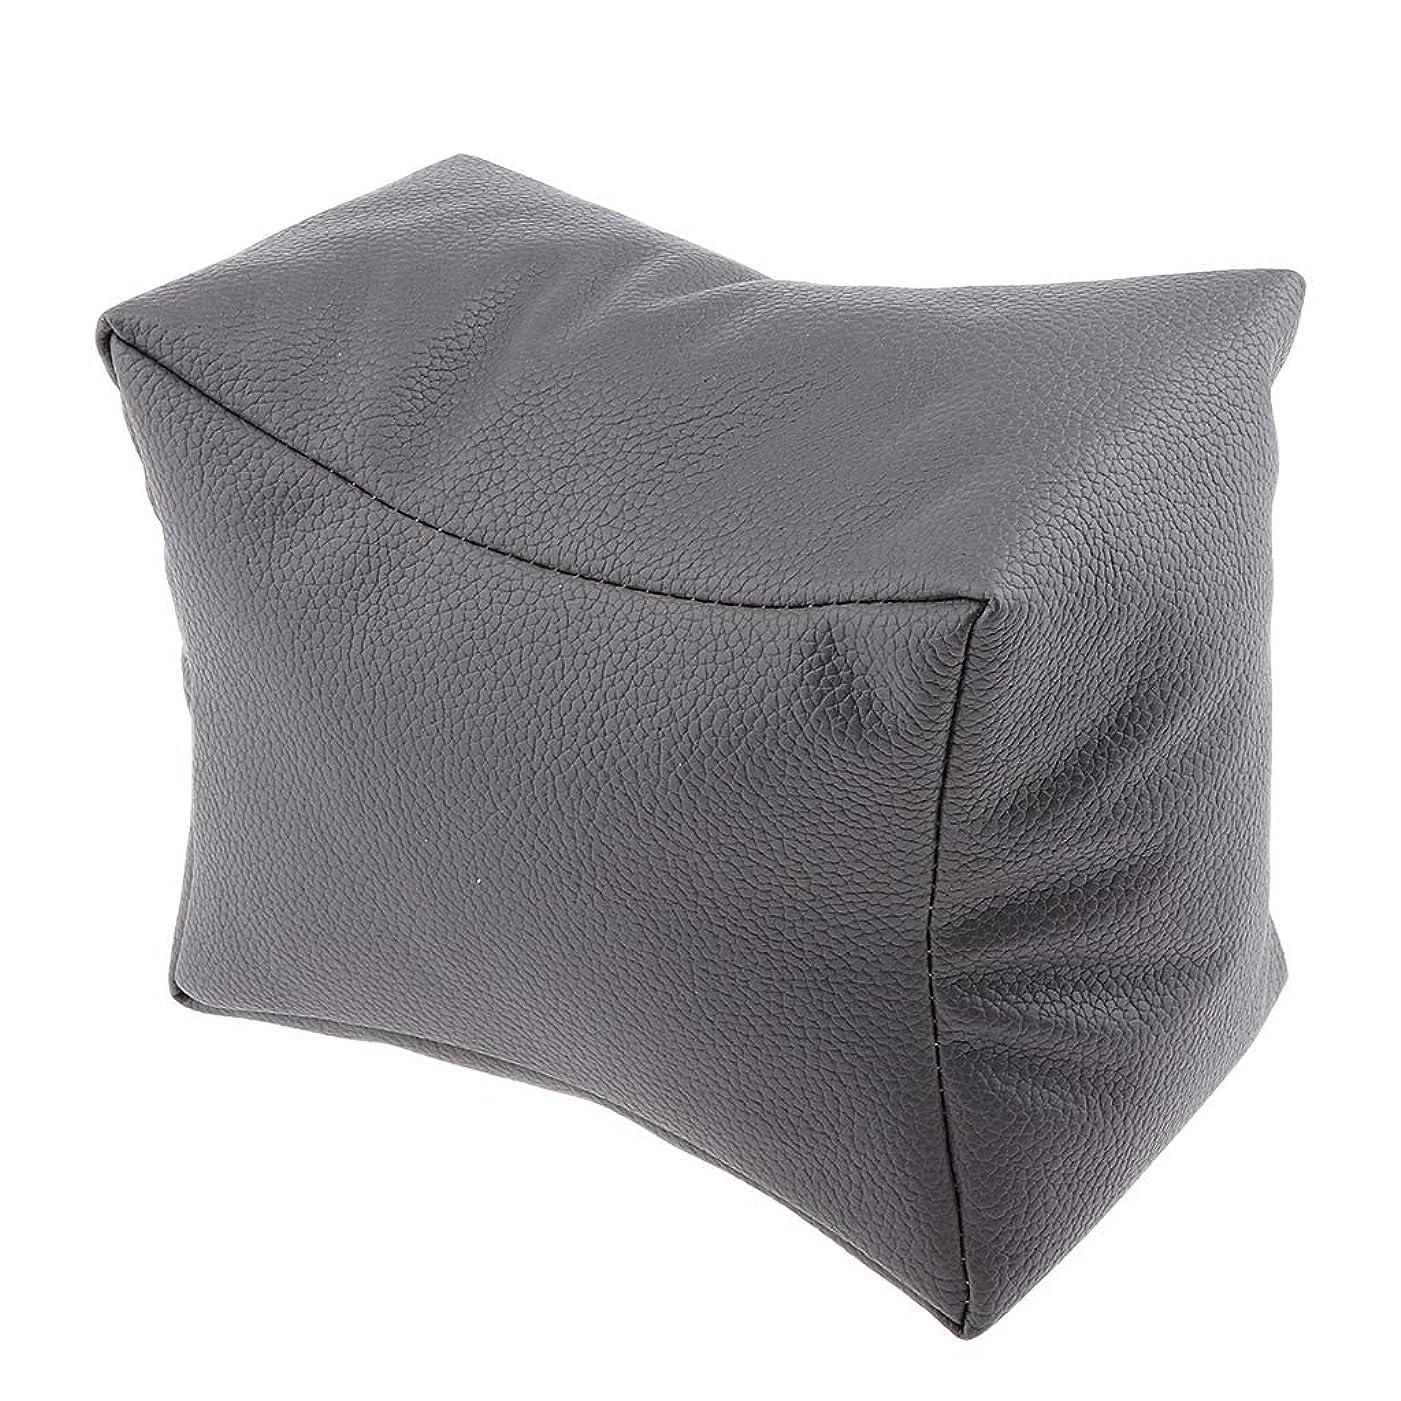 インシュレータ文歩き回るSM SunniMix ハンドクッション レストピロー ネイルアートデザイン 手枕 ソフト 4色選べ - グレー